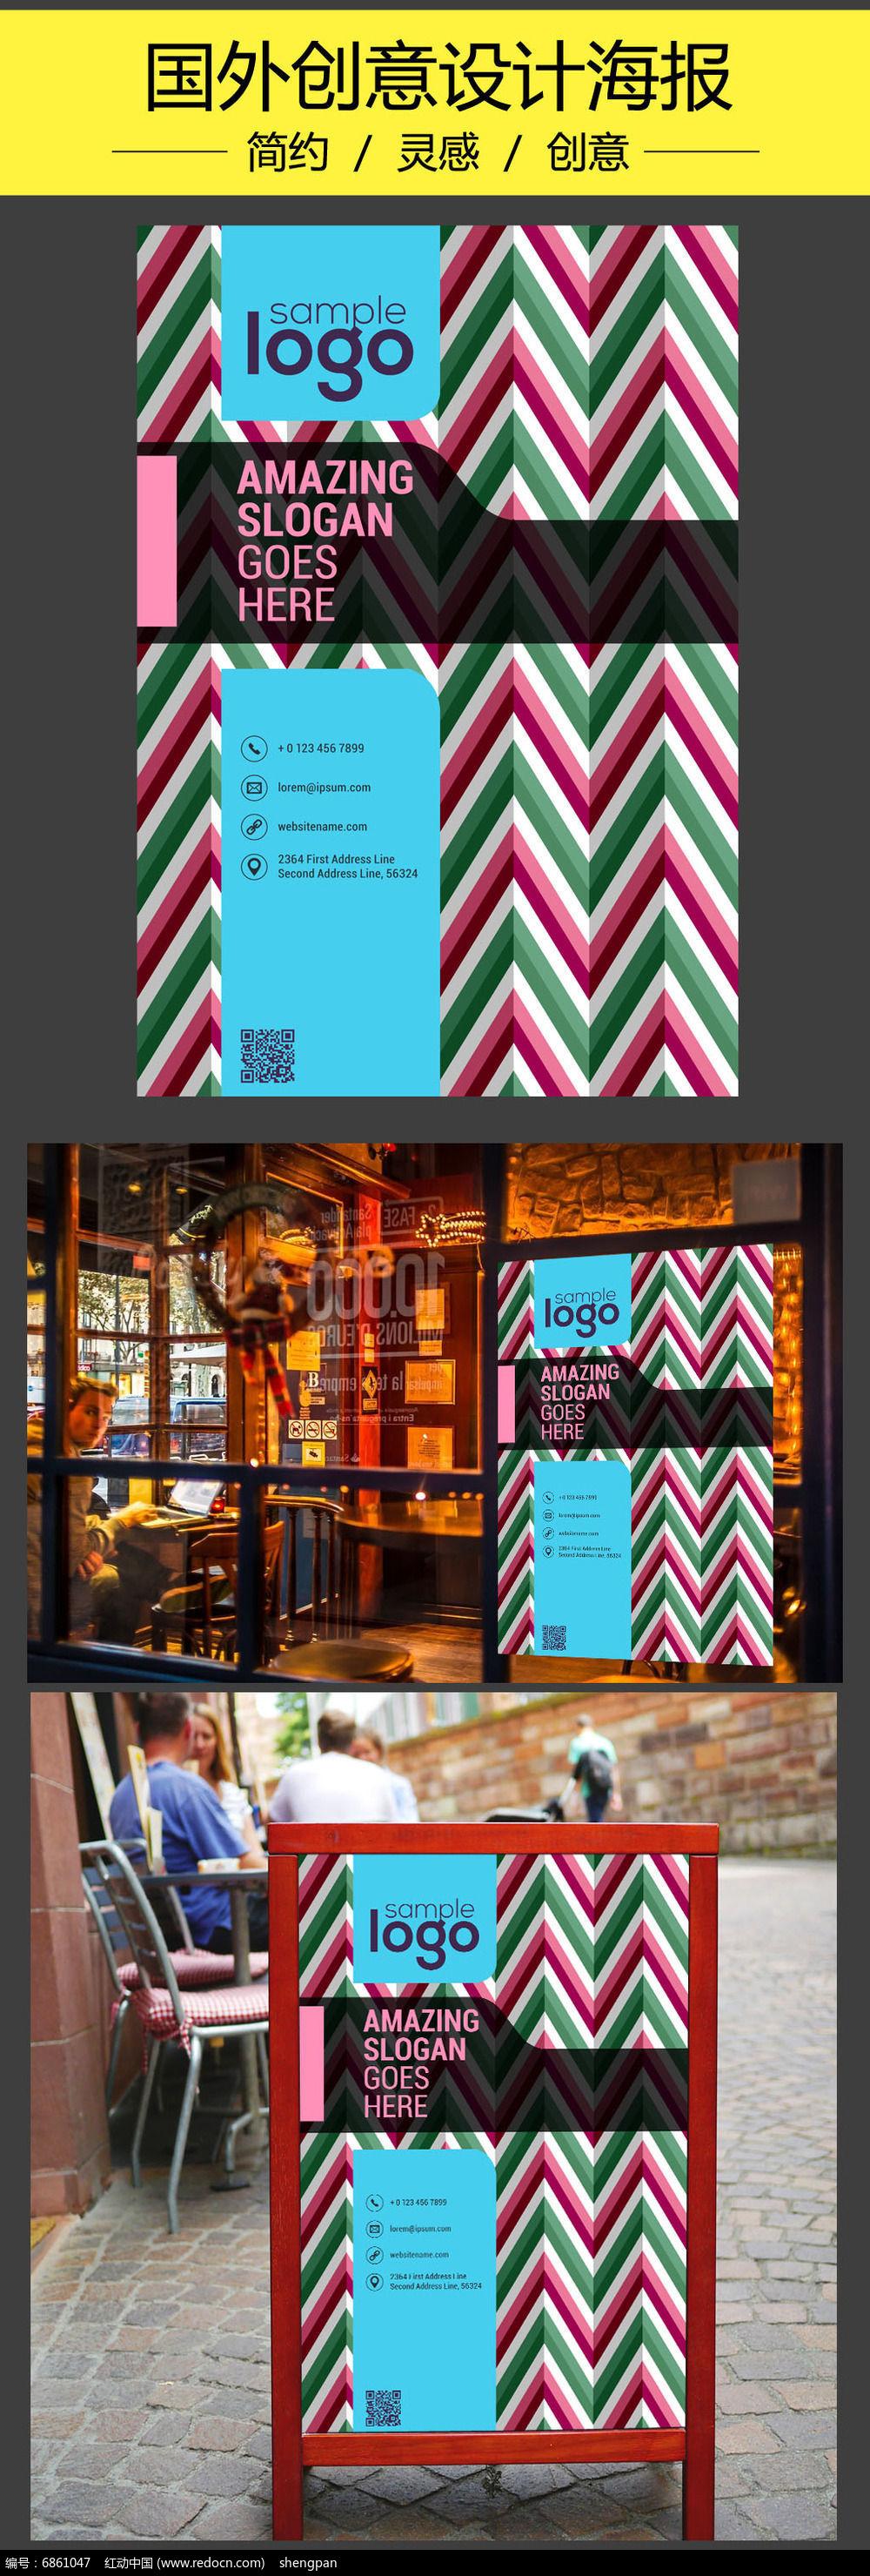 立体动感时尚商业排版海报图片